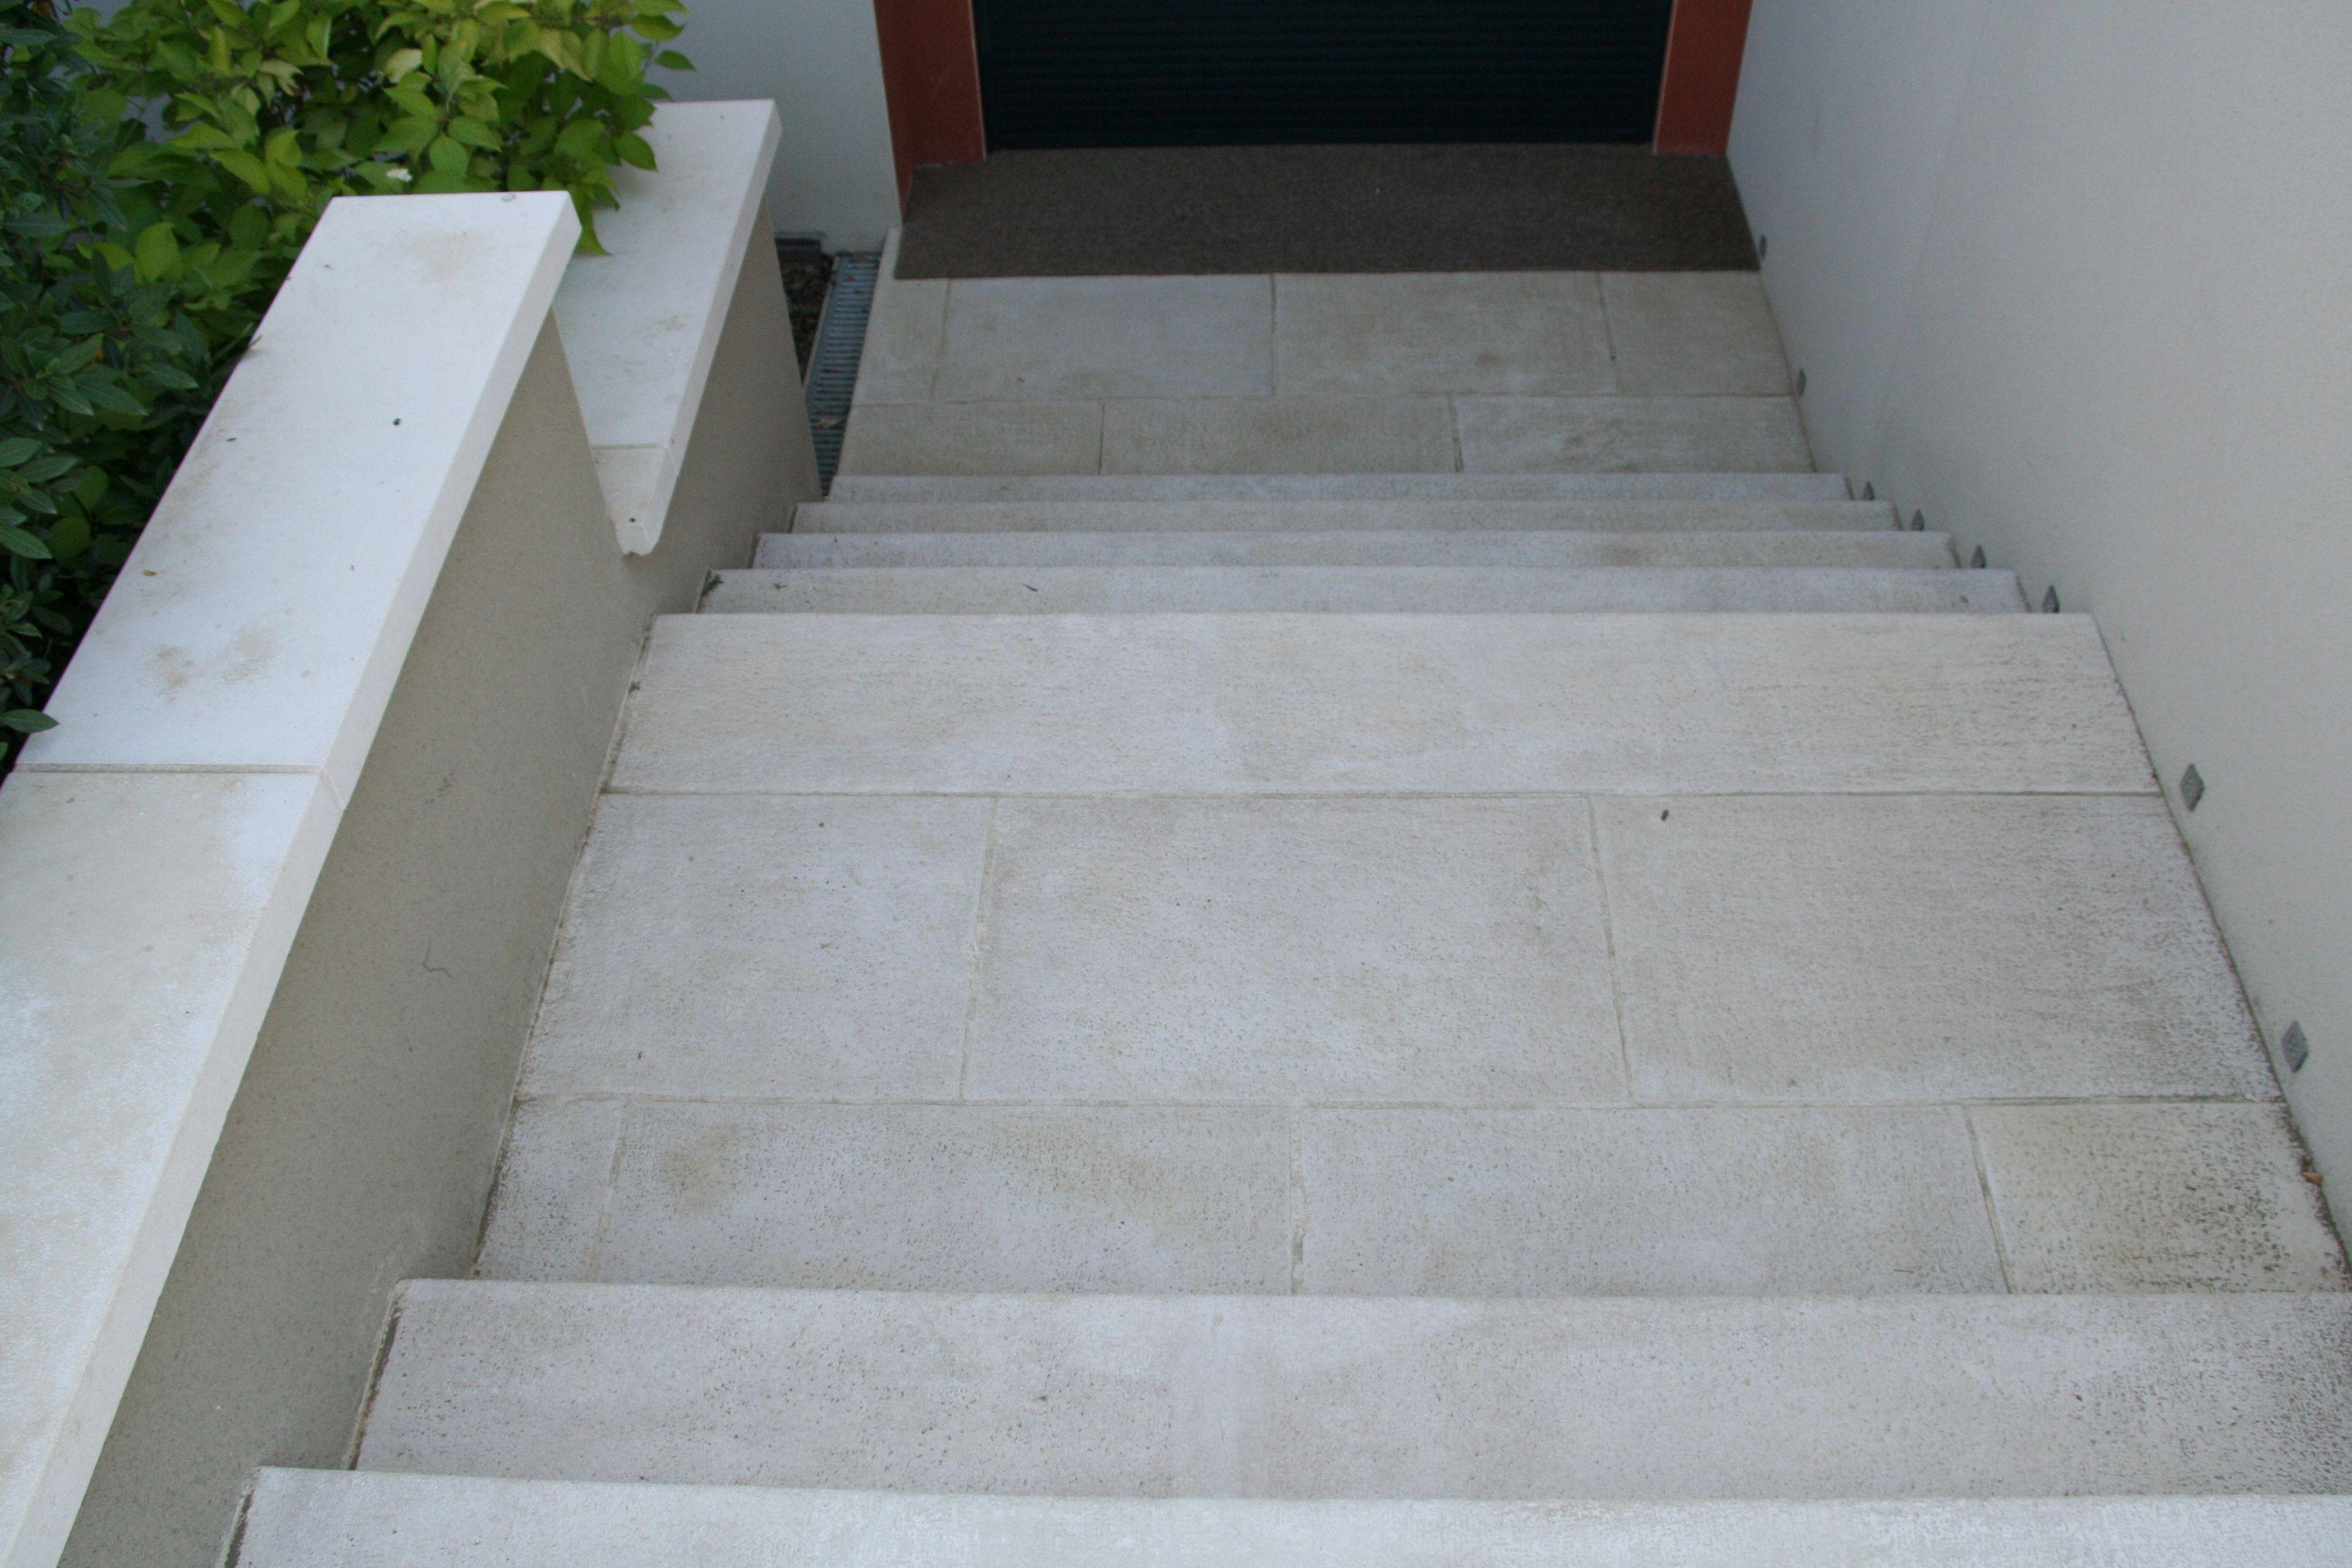 Marche Escalier Plate Aspect Grenaille Antiderapant En Beton Prefabrique Beton Prefabrique Marche Escalier Escalier